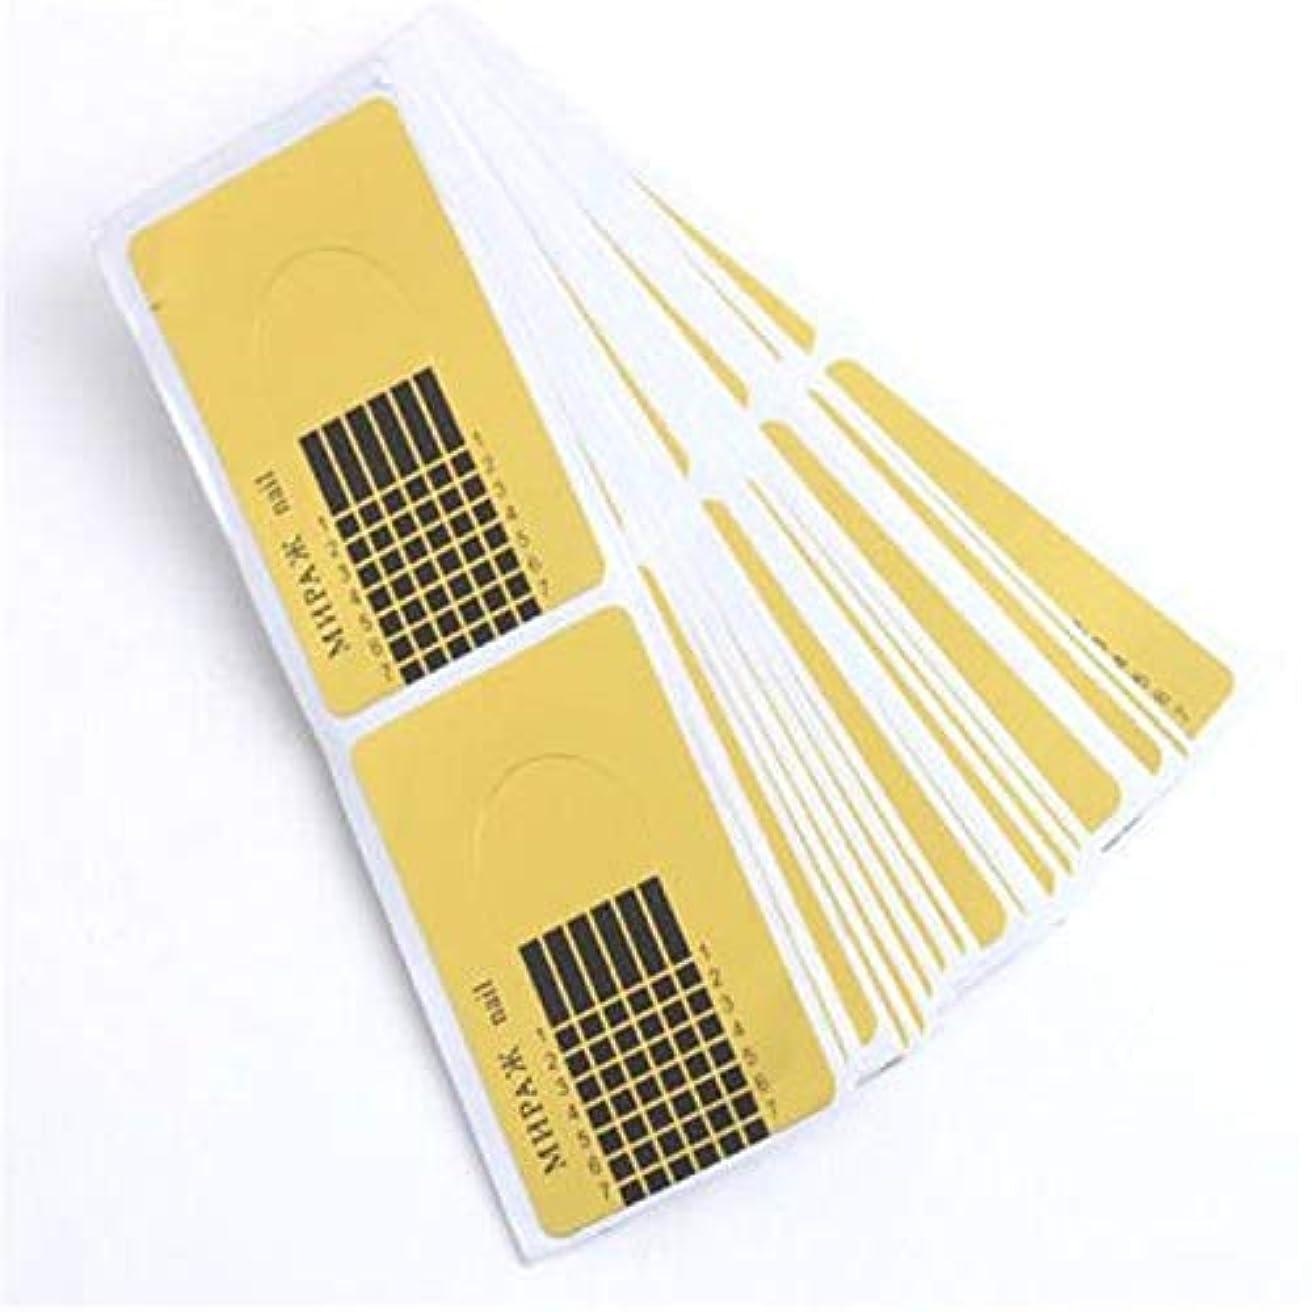 続ける追記甘いQuzama-JS 先進デザイン100個新しいコンセプトゴールド昆虫タイプ指トリートメント爪サポートクリスタル特殊ホルダー(None golden)